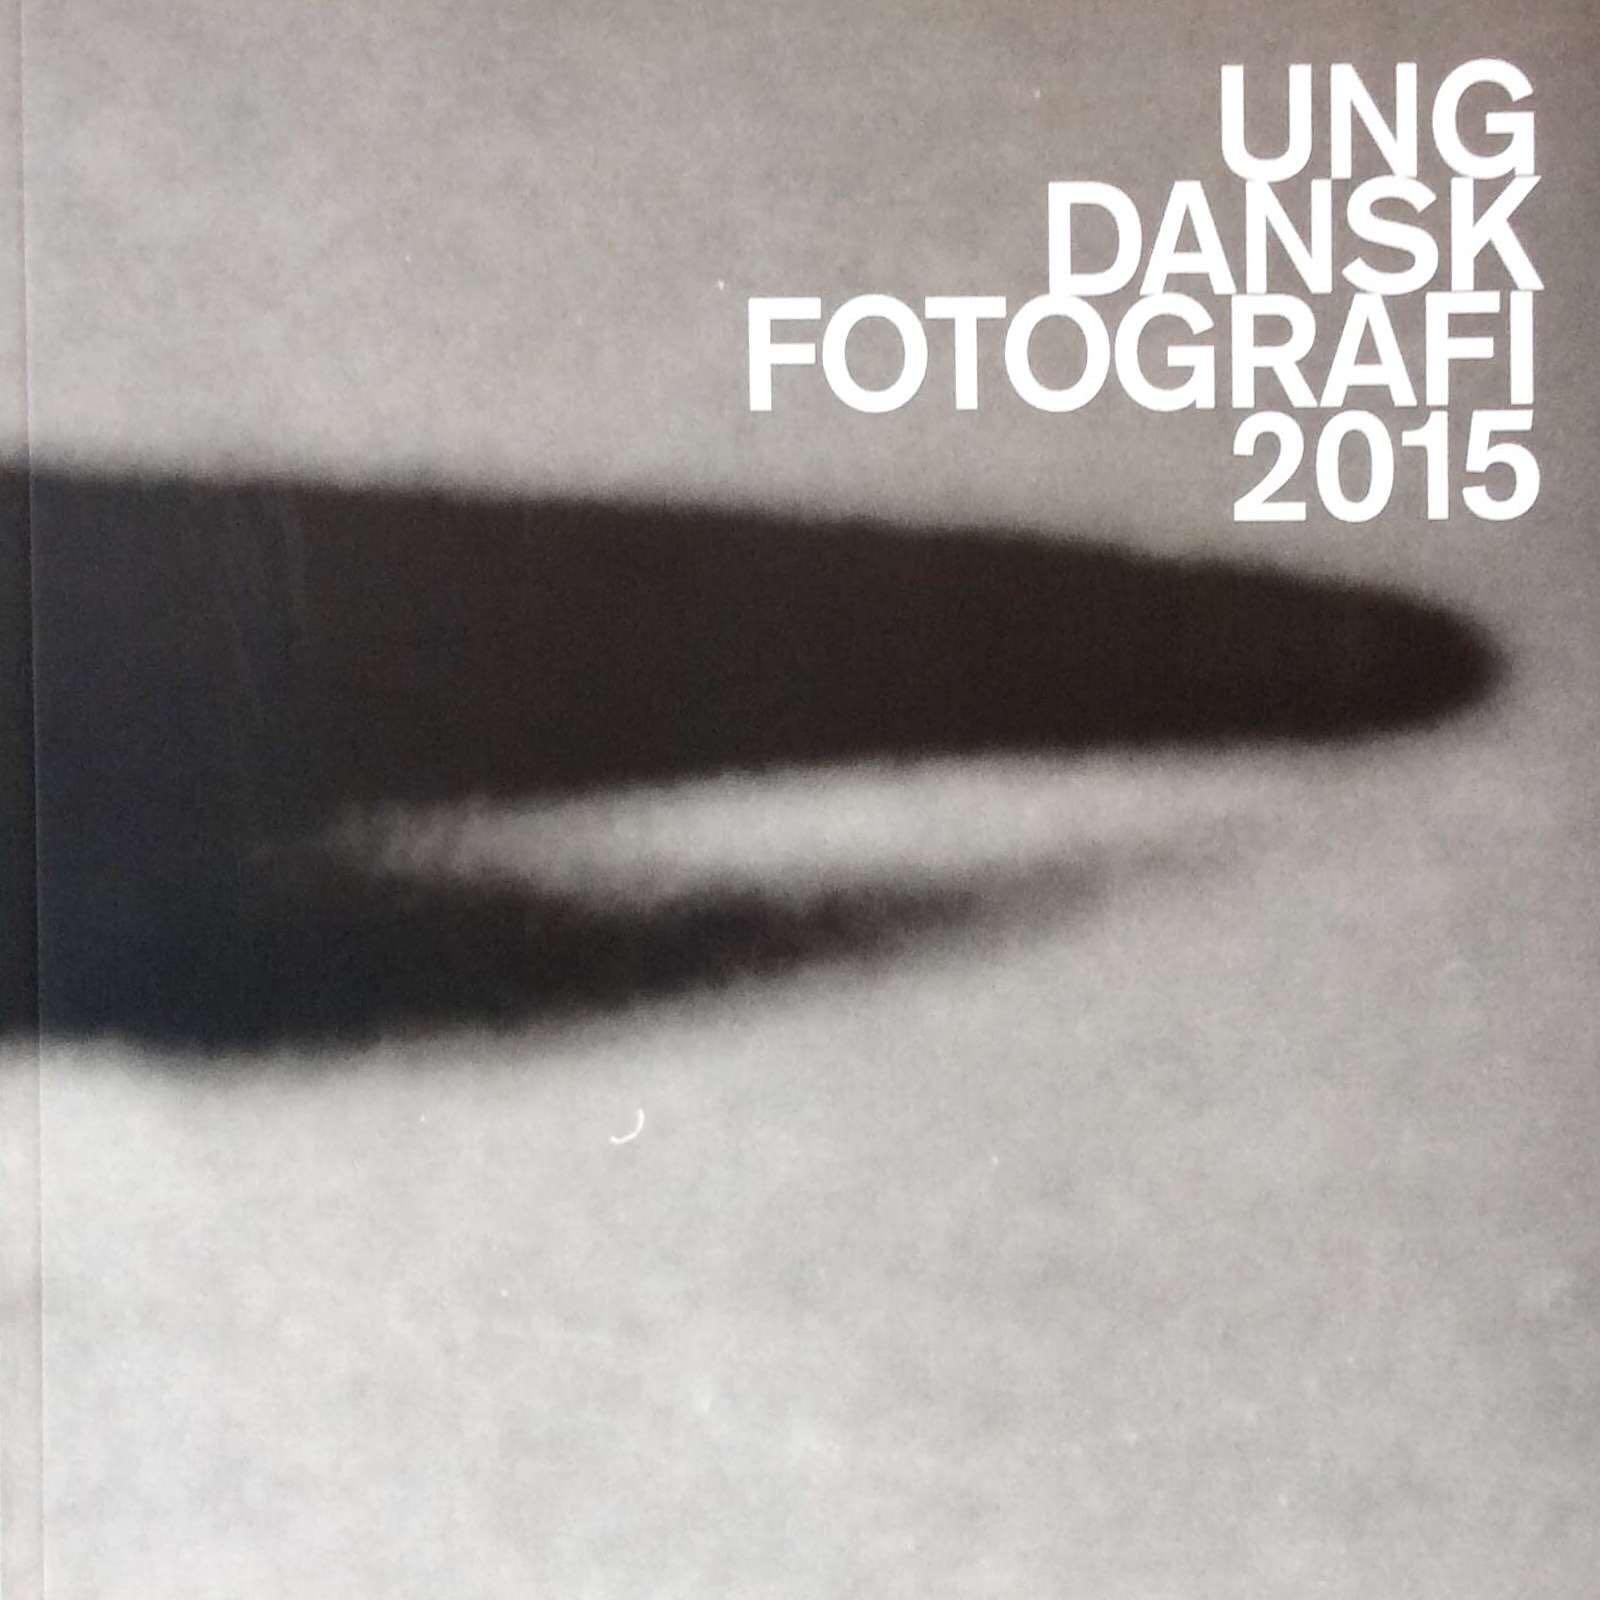 Ung dansk fotografi 2015